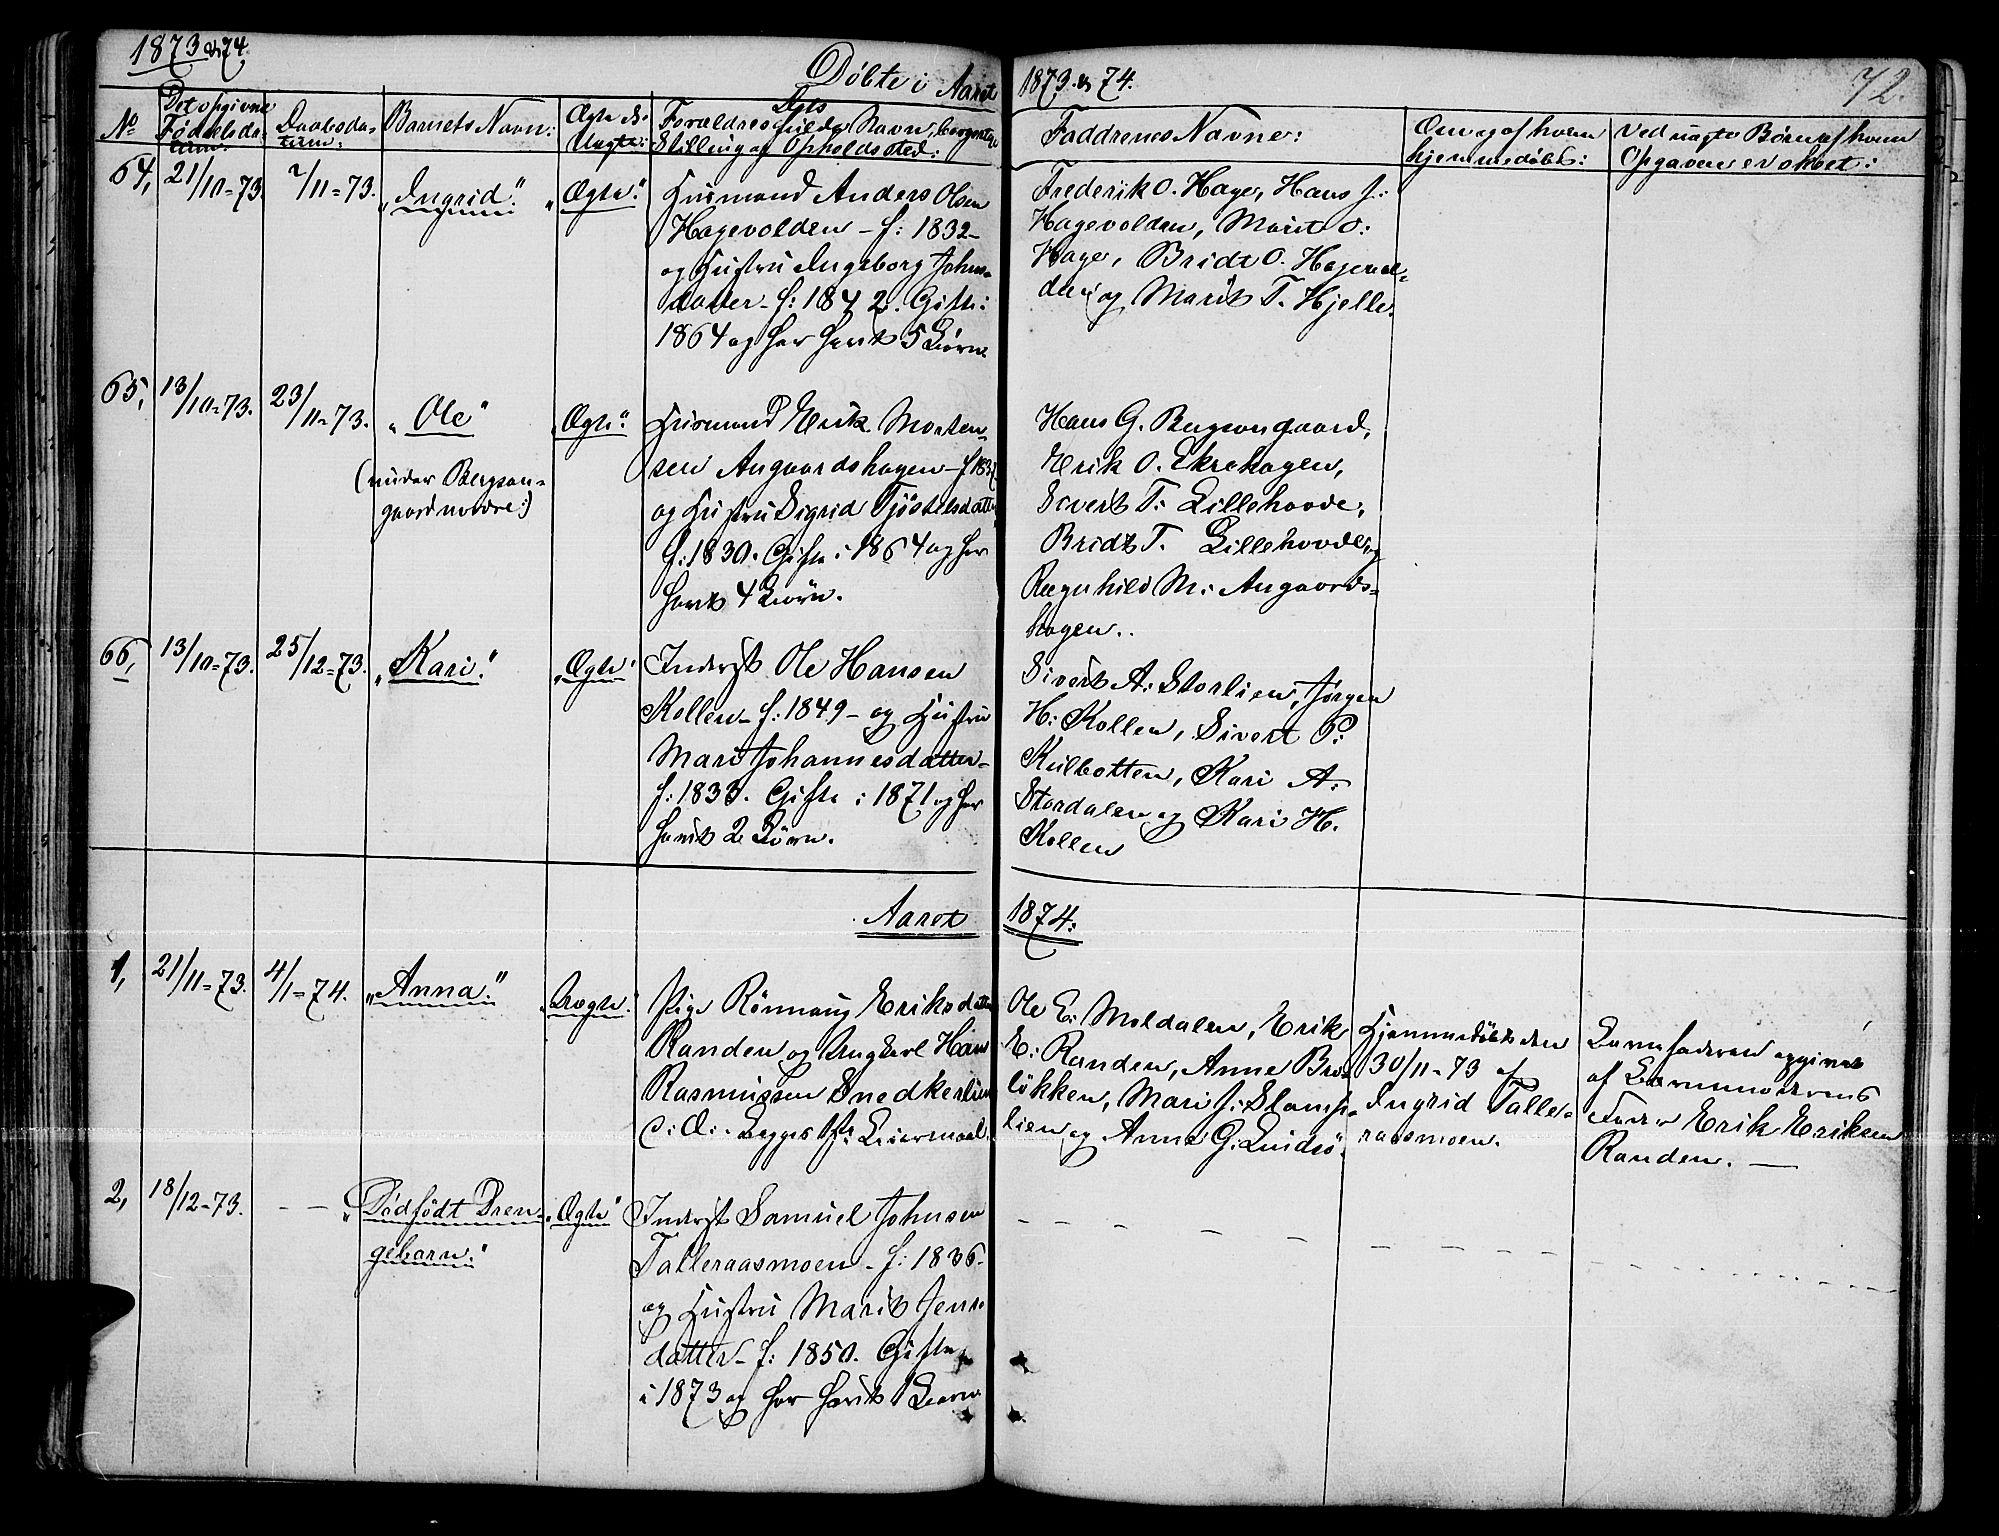 SAH, Dovre prestekontor, Klokkerbok nr. 1, 1862-1880, s. 72